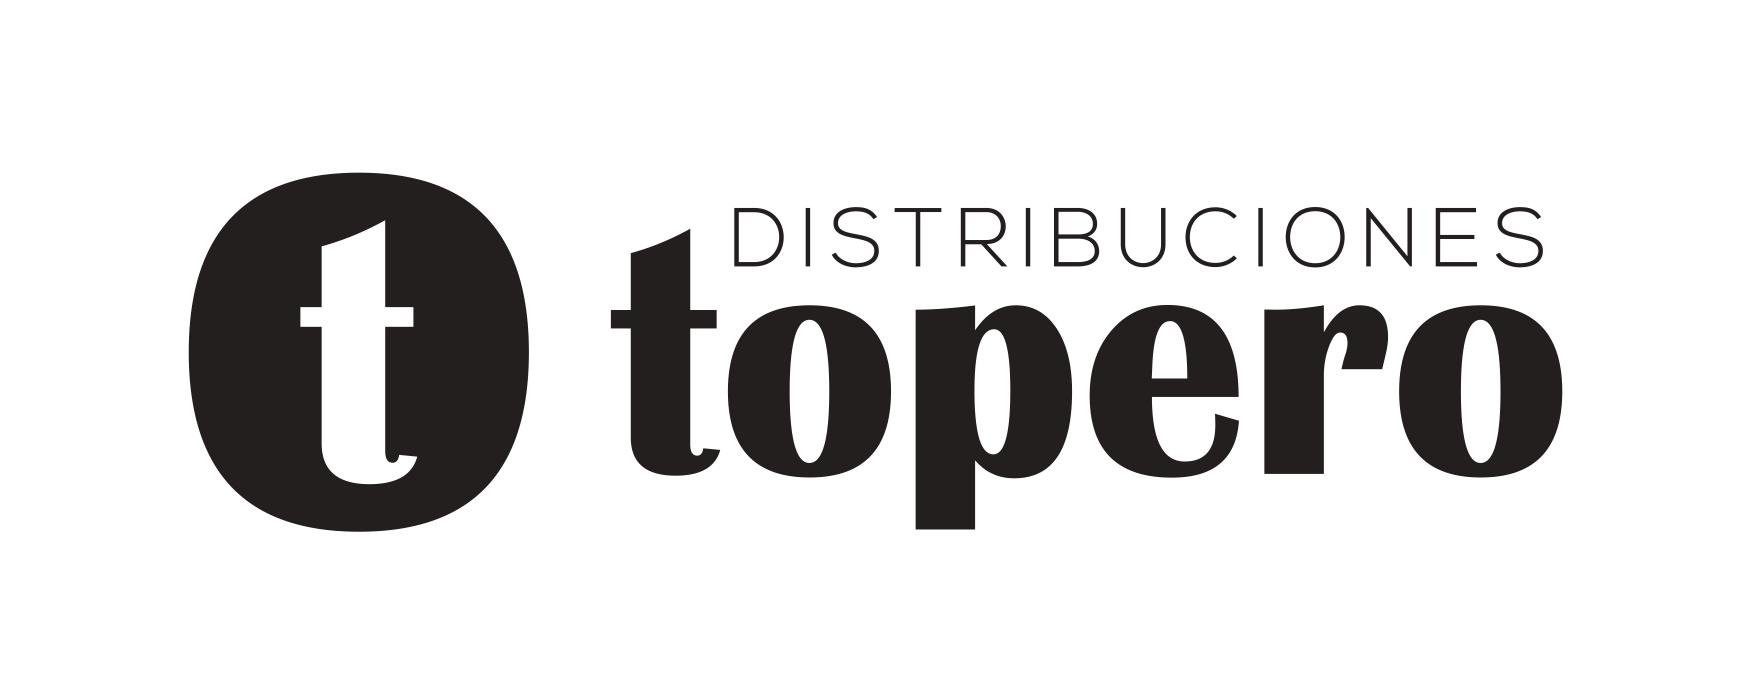 Distribuciones Topero_page-0001